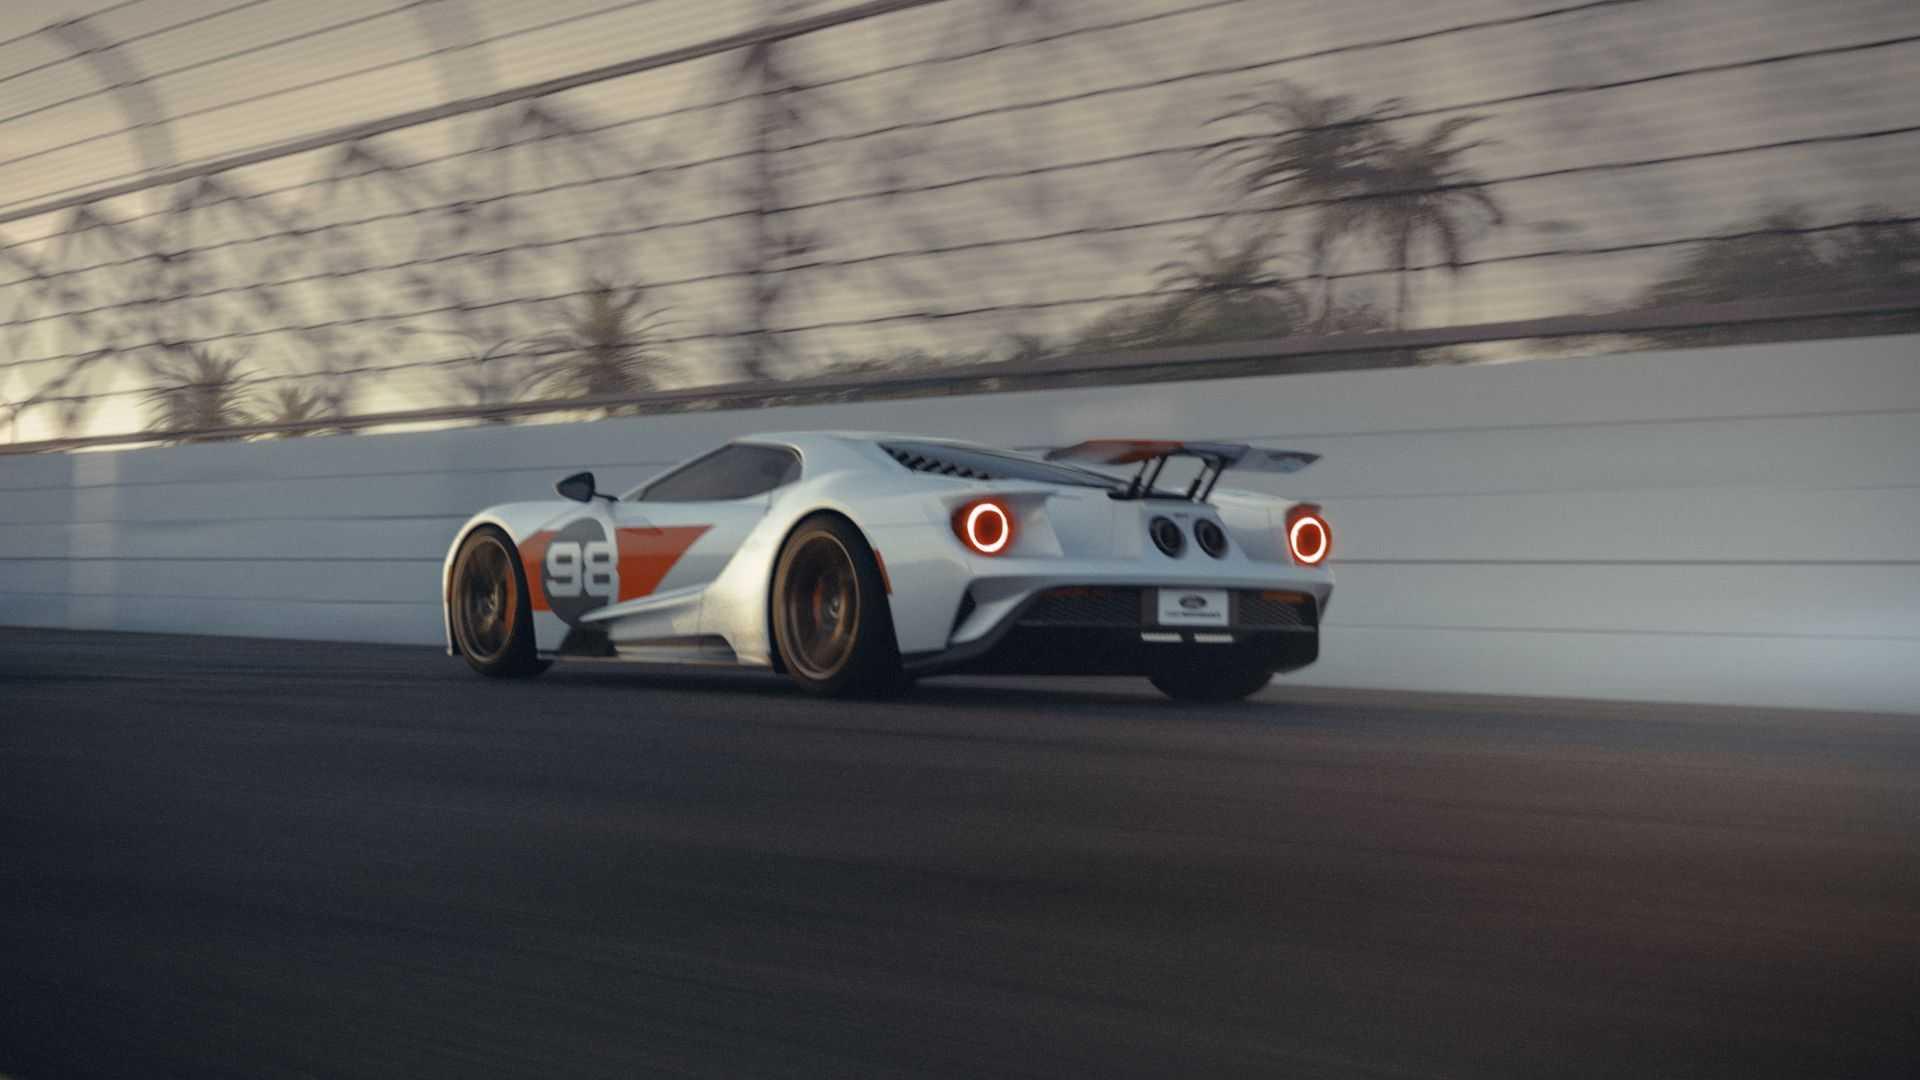 2021-ford-gt-heritage-edition-rear-running-shot.jpg